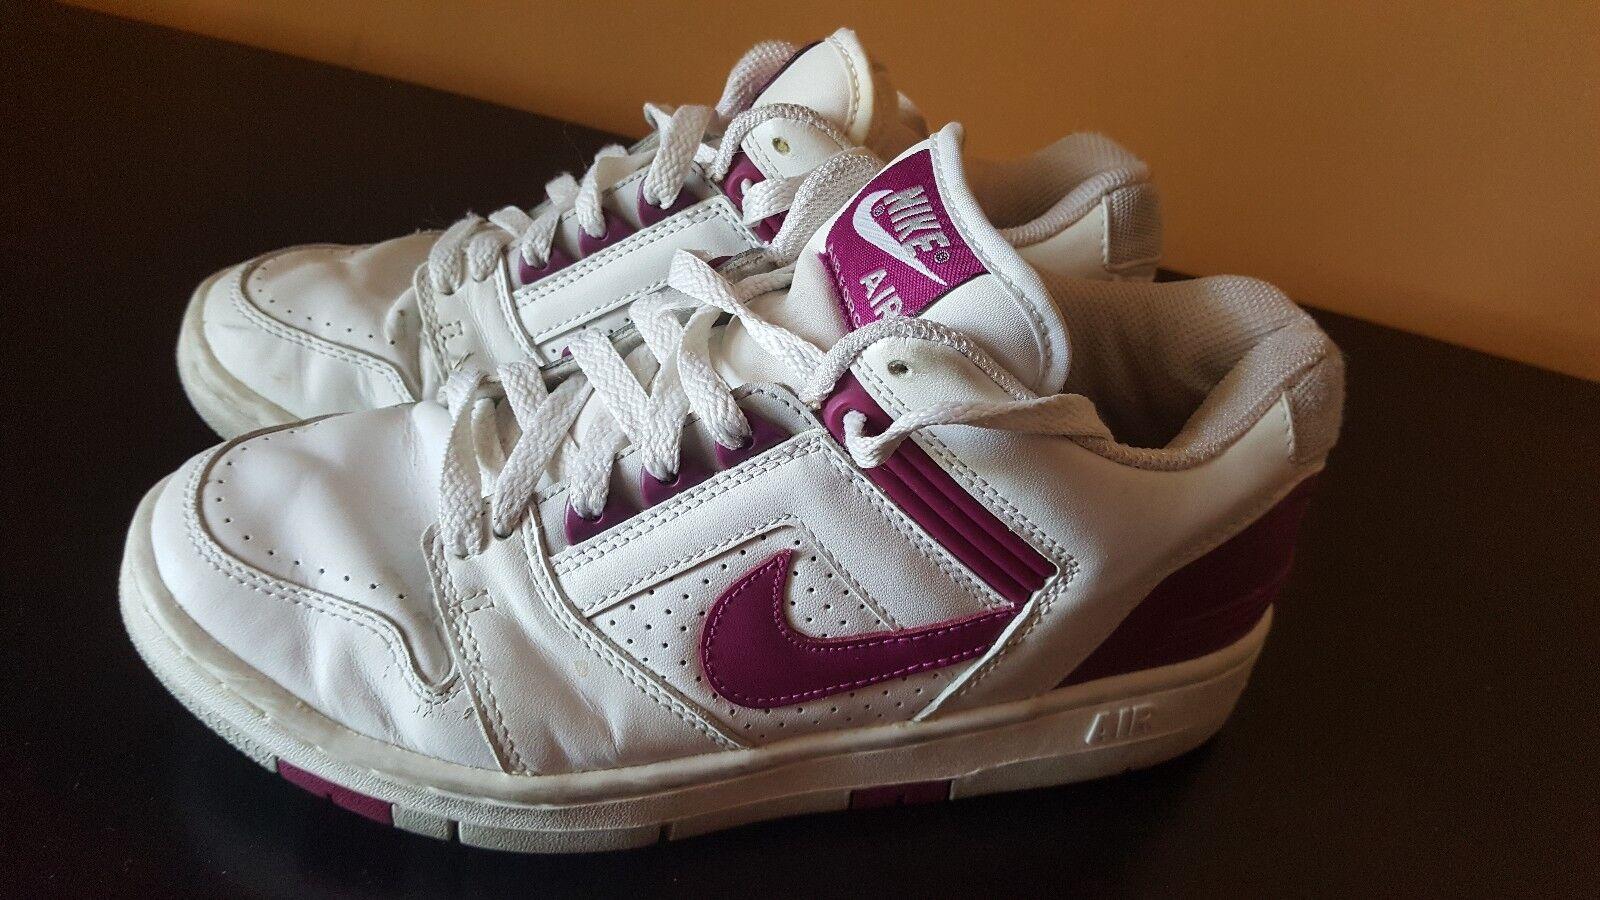 Nike Air Force Shoes Size 9 Women Women's